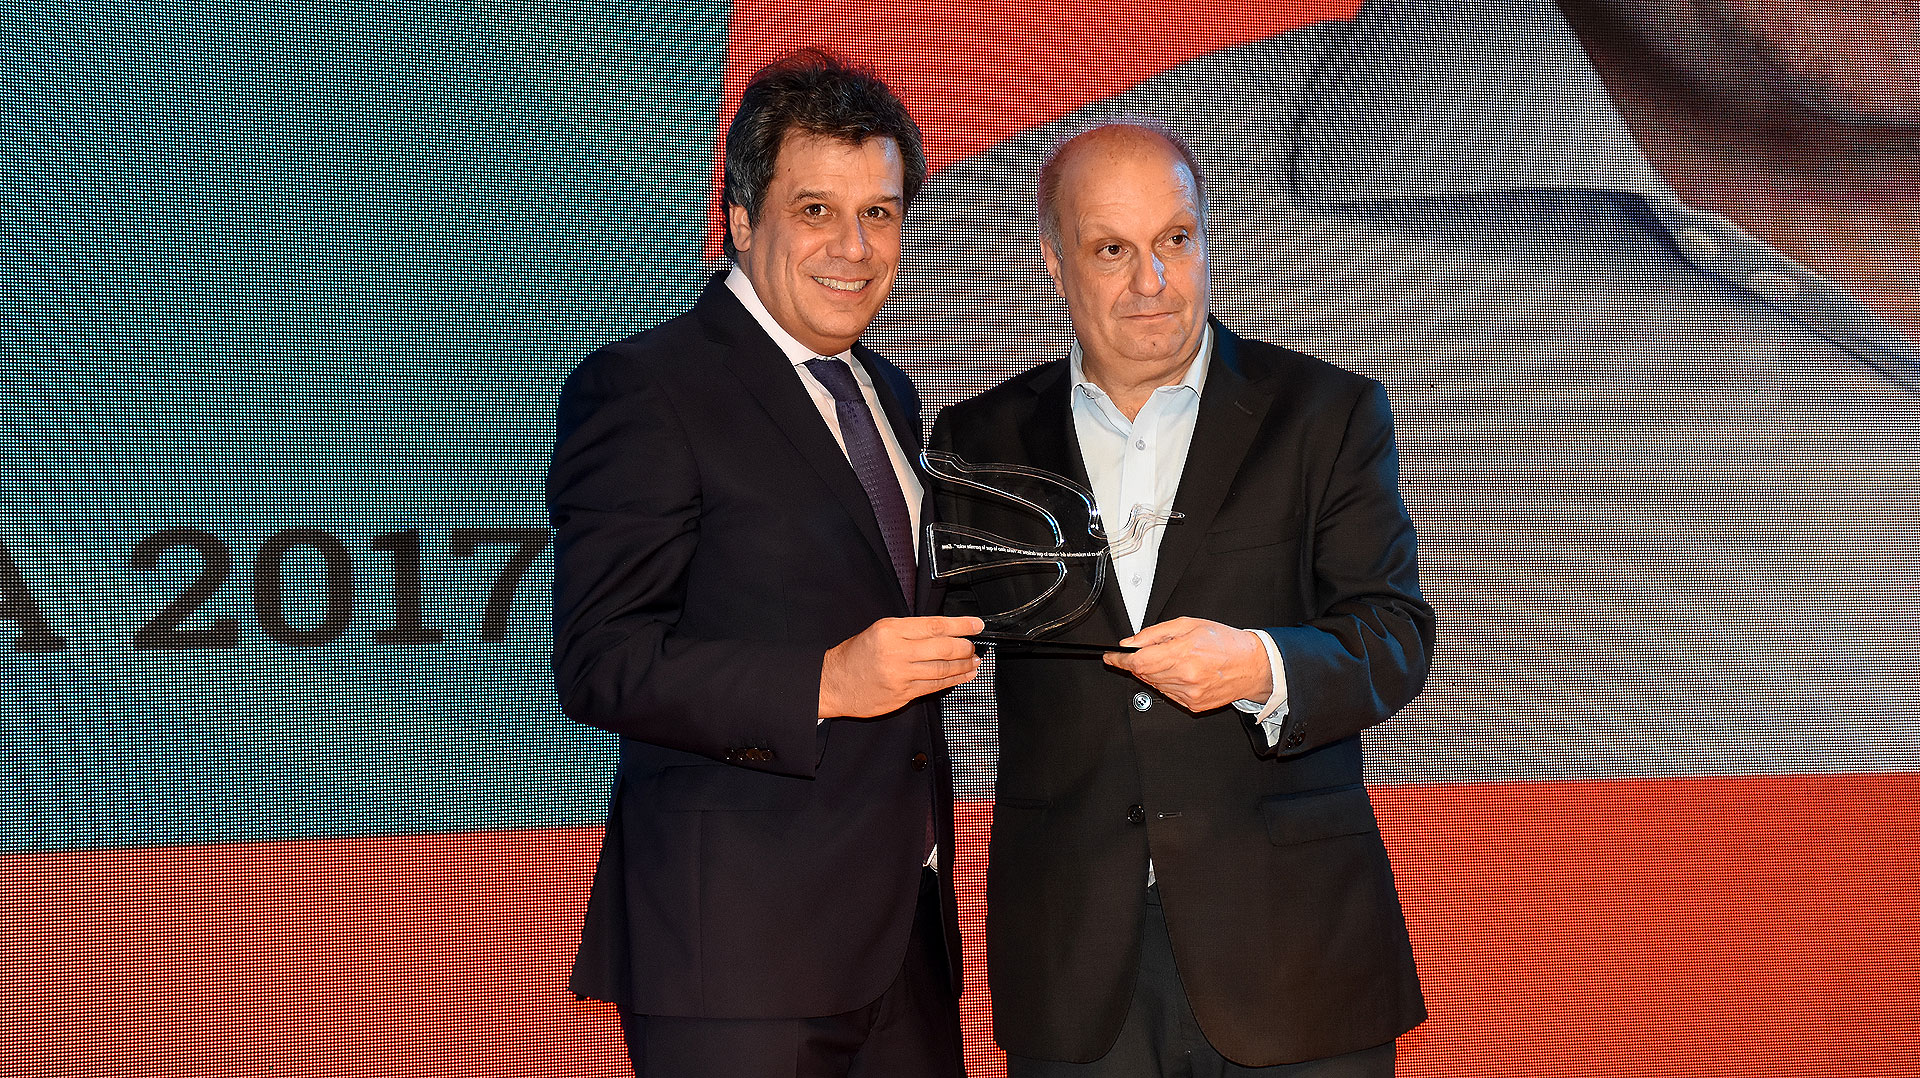 Hernán Lombardi, titular del Sistema Federal de Medios y Contenidos Públicos, entregando el premio a Facundo Manes